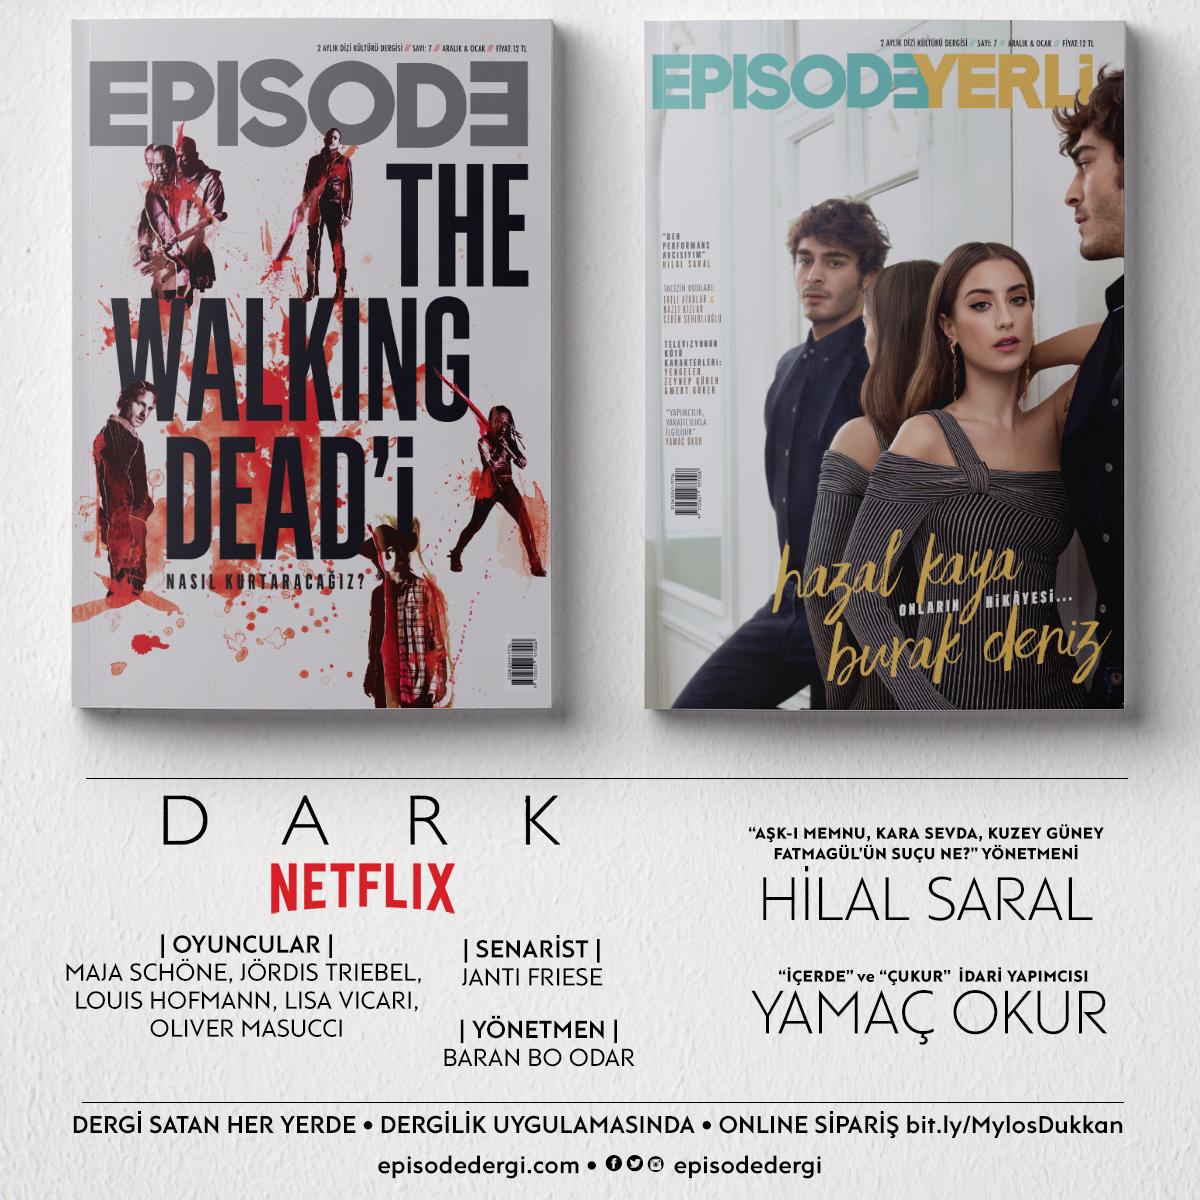 Dizi Tutkunlarının Dergisi Episode, İlk Yılını Hazal Kaya, Burak Deniz ve The Walking Dead ile Kutluyor